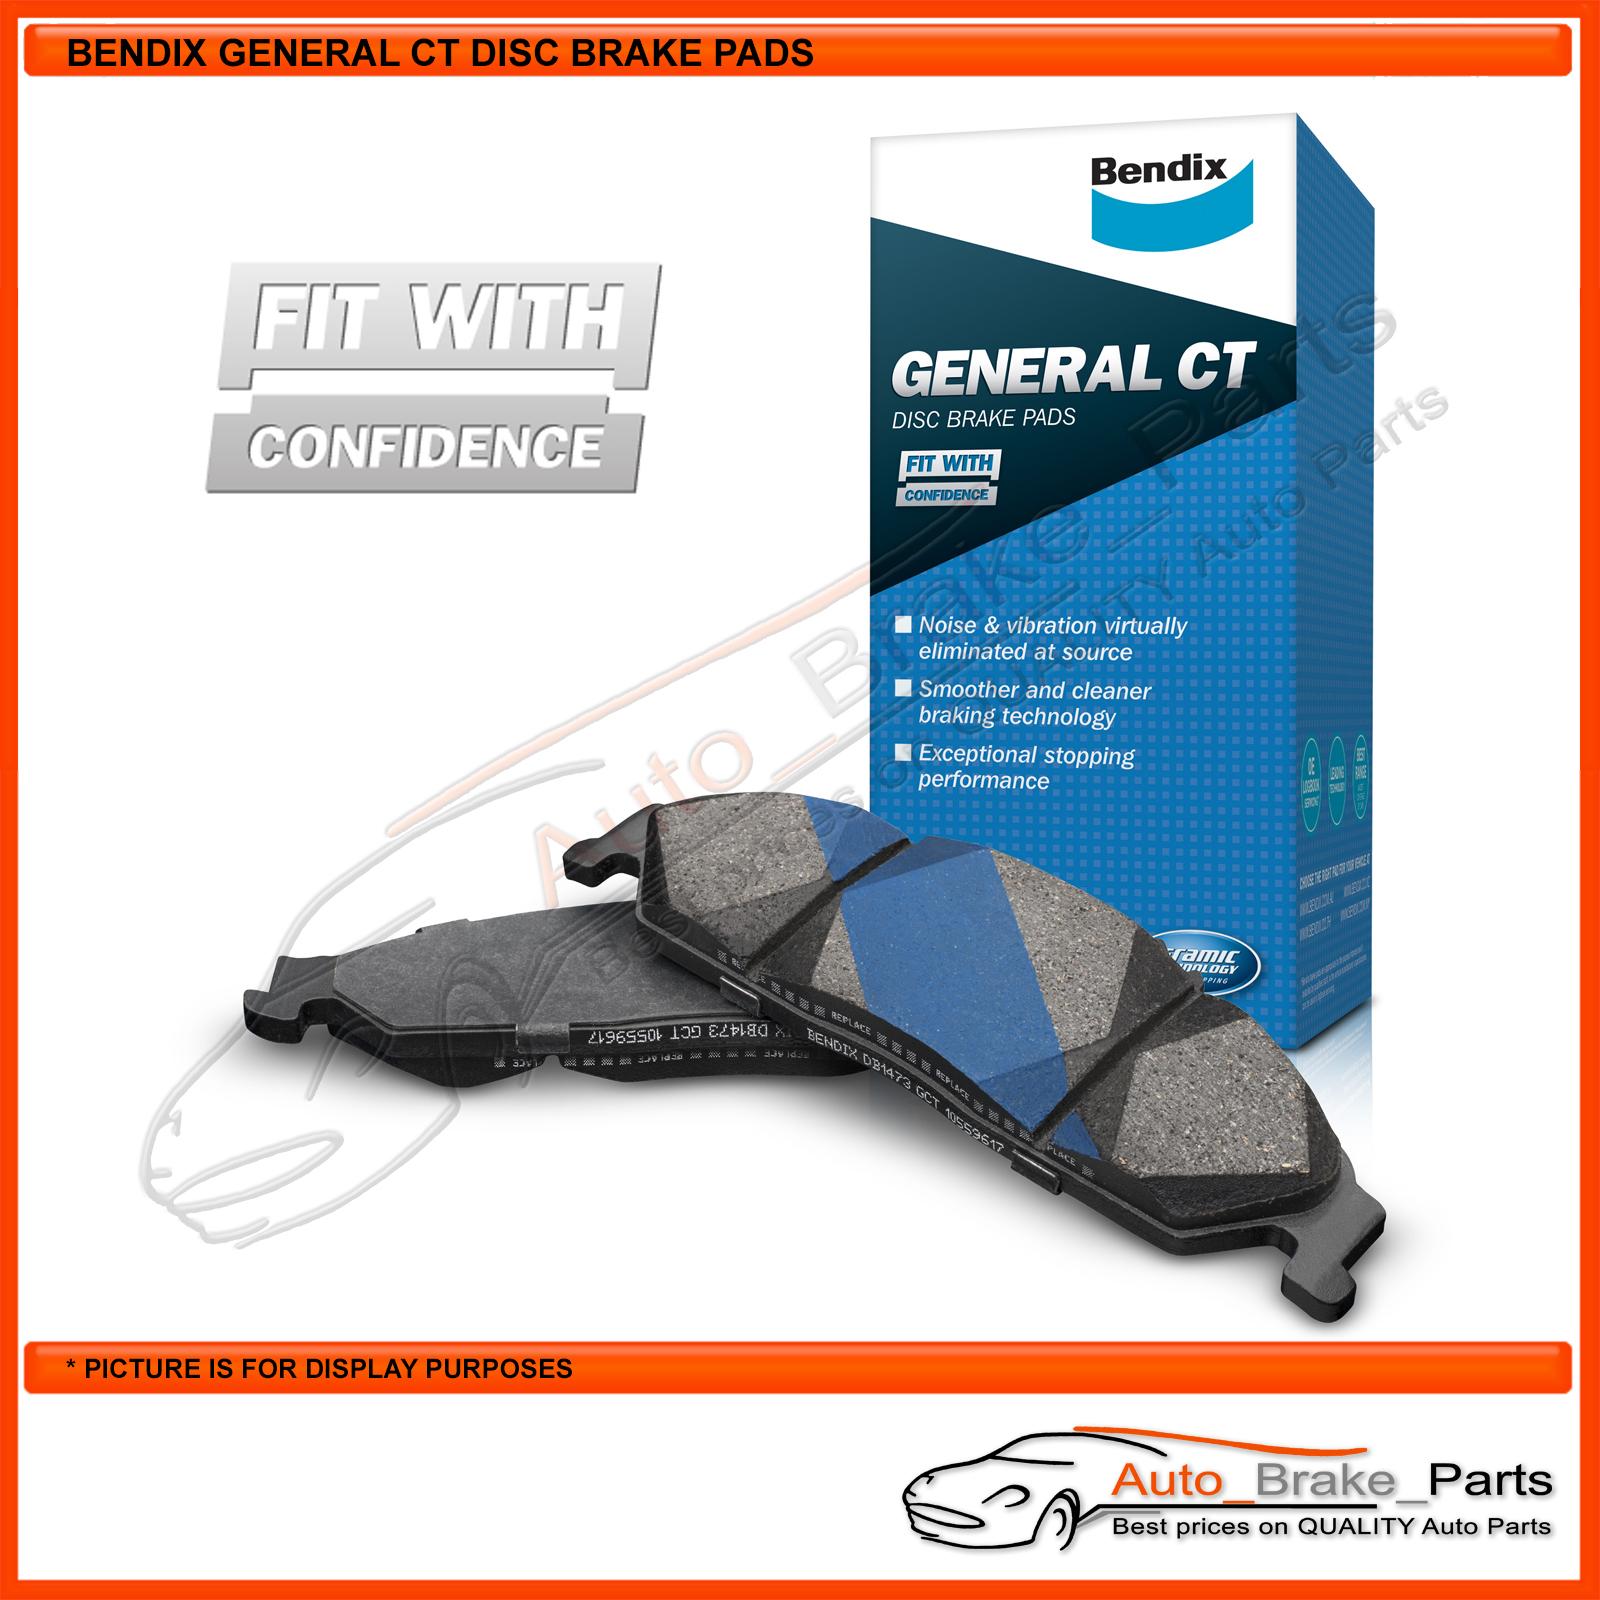 1 set x Bendix General CT Brake Pad FOR SUZUKI JIMNY FJ DB403GCT